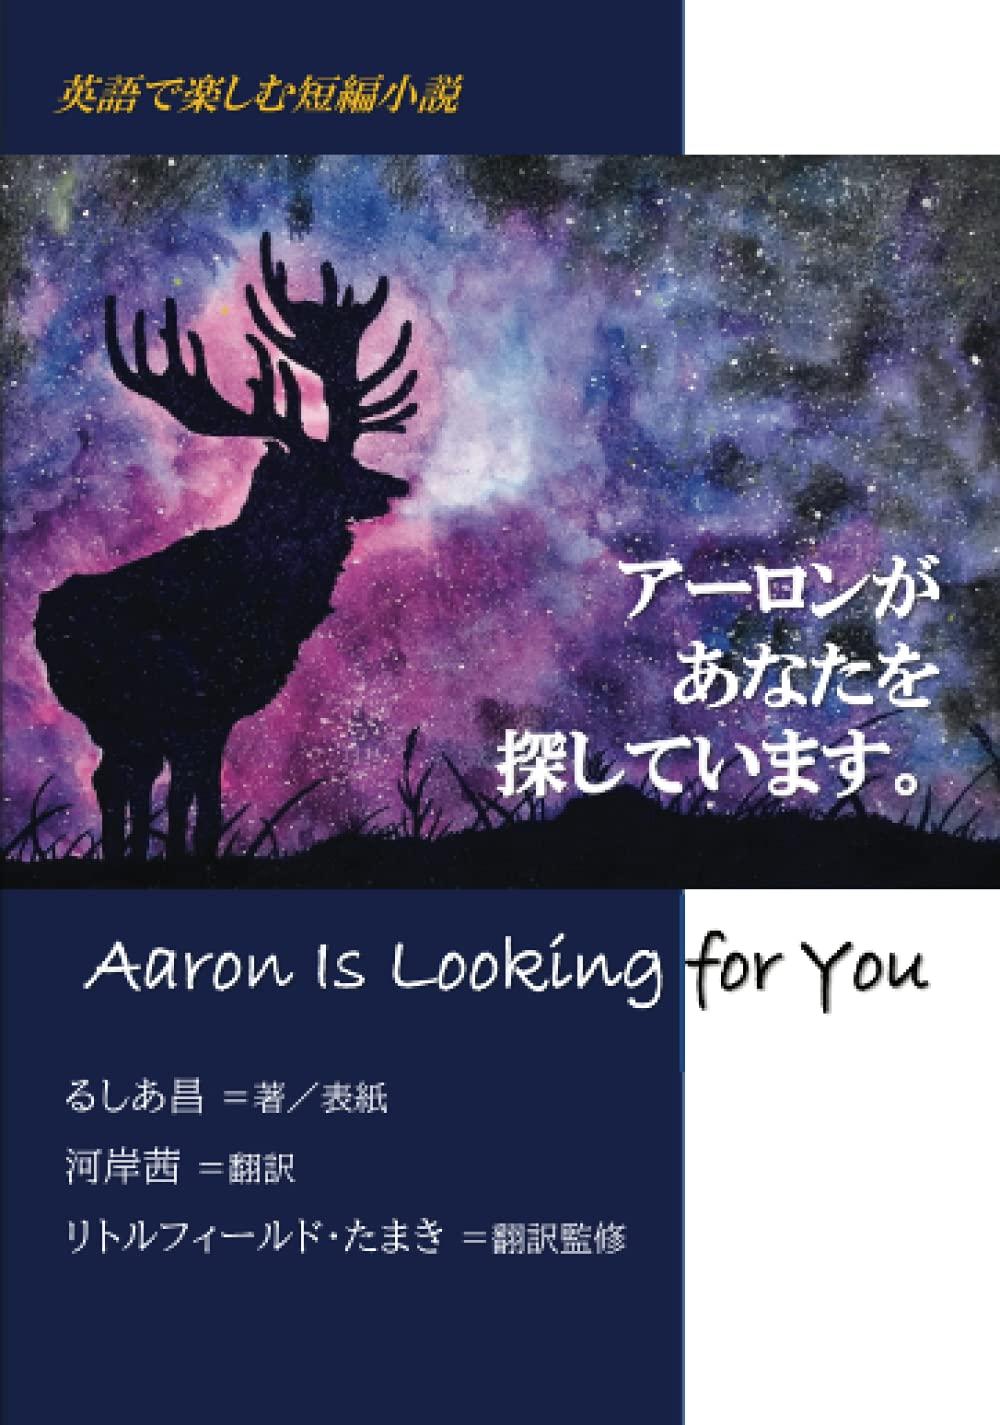 アーロンがあなたを探しています。/ Aaron is looking for you